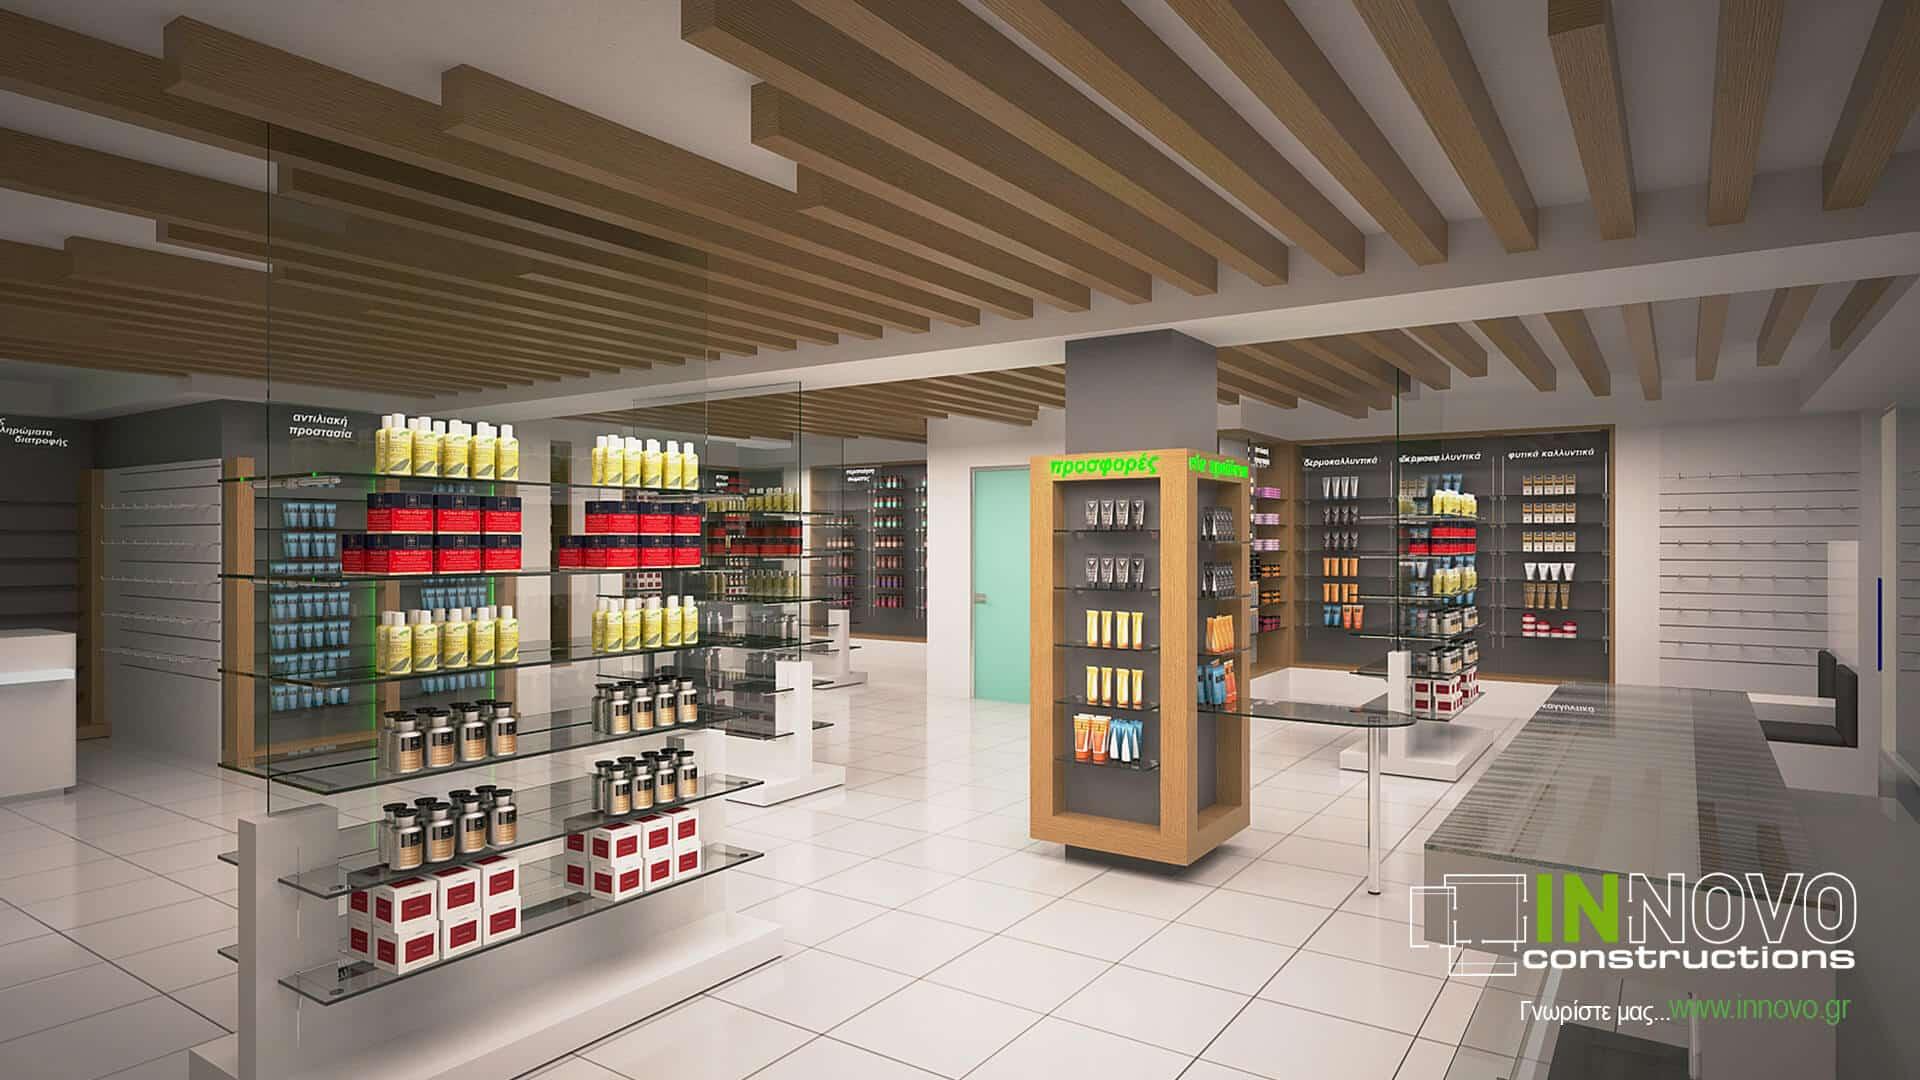 Σχεδιασμός φαρμακείου στο Καλαμάκι από την Innovo